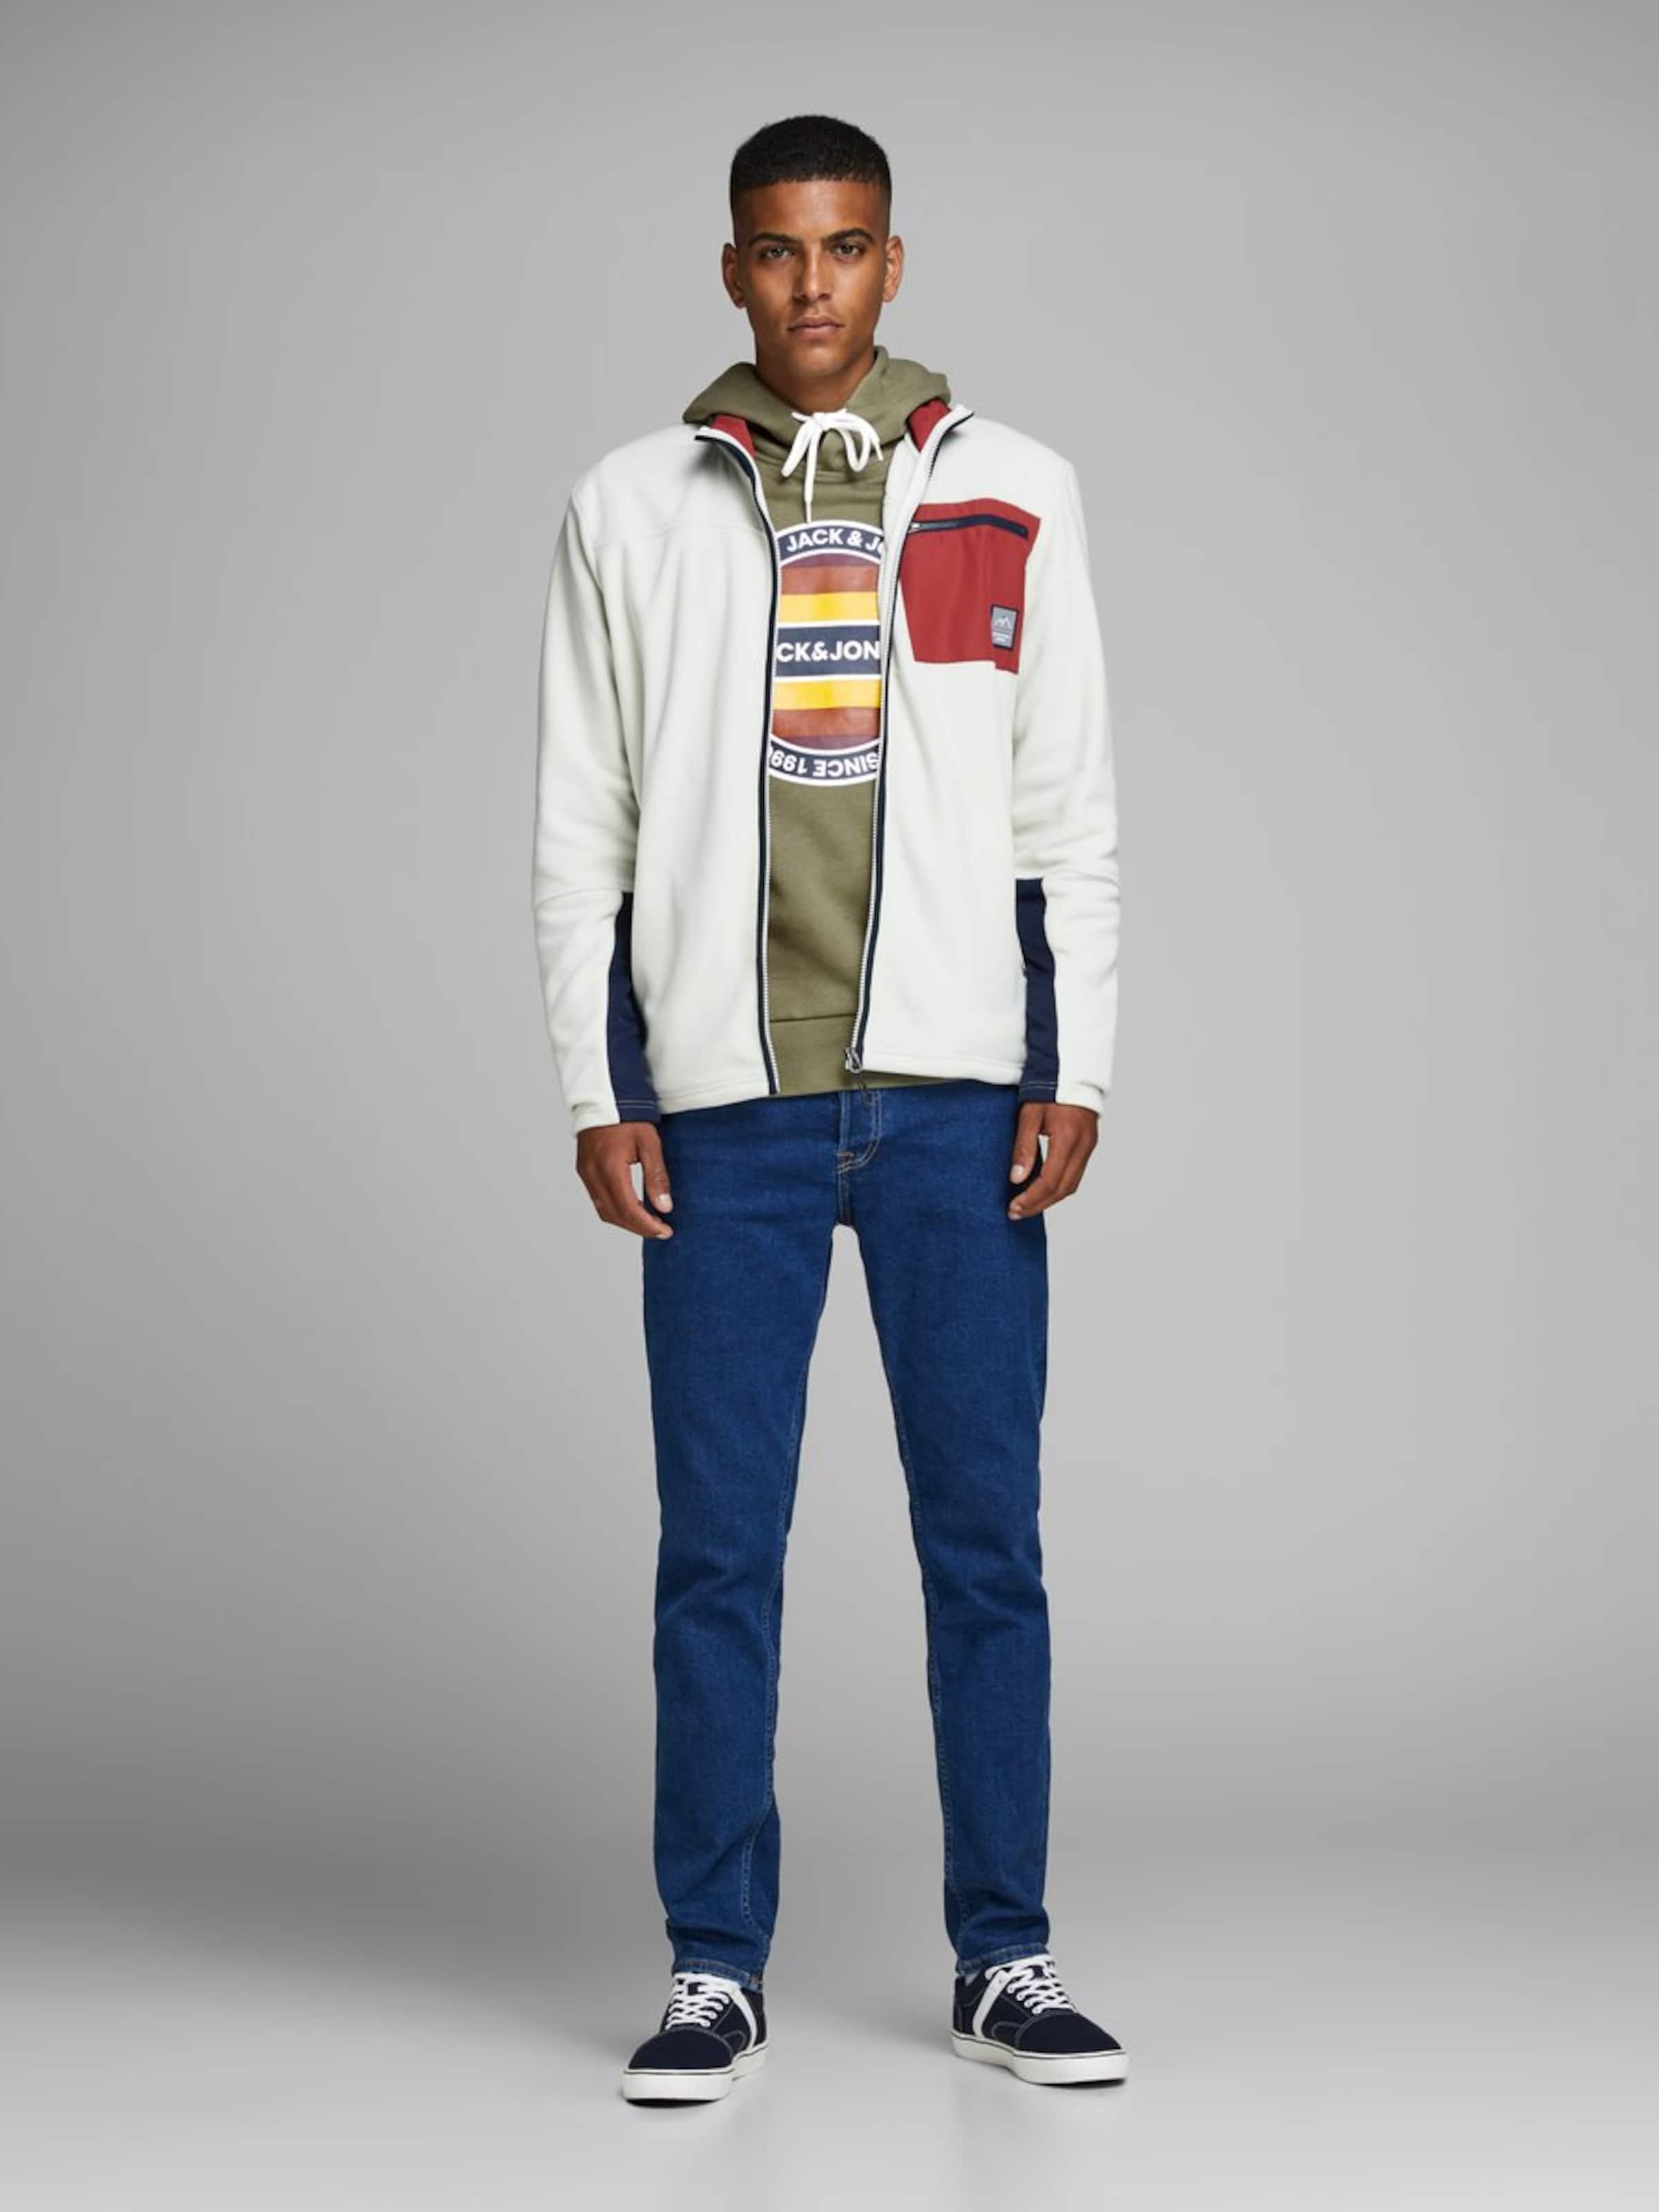 OlivWeiß Jones In In Sweatshirt In Jackamp; Sweatshirt Jackamp; Sweatshirt Jackamp; Jones Jones OlivWeiß PuXiOZTk